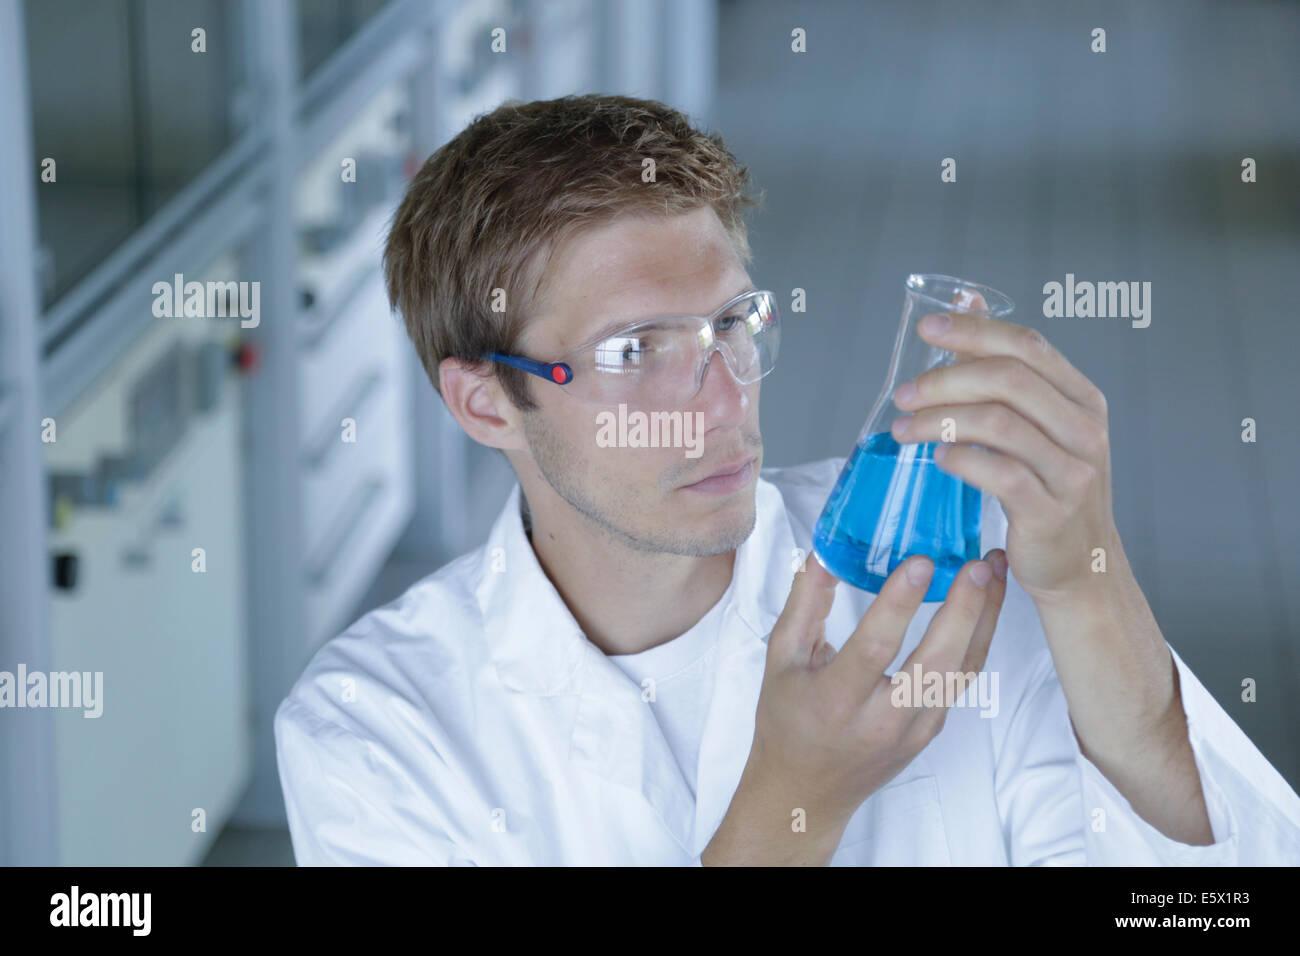 Männliche Wissenschaftler hält Erlenmeyerkolben im Labor Stockbild